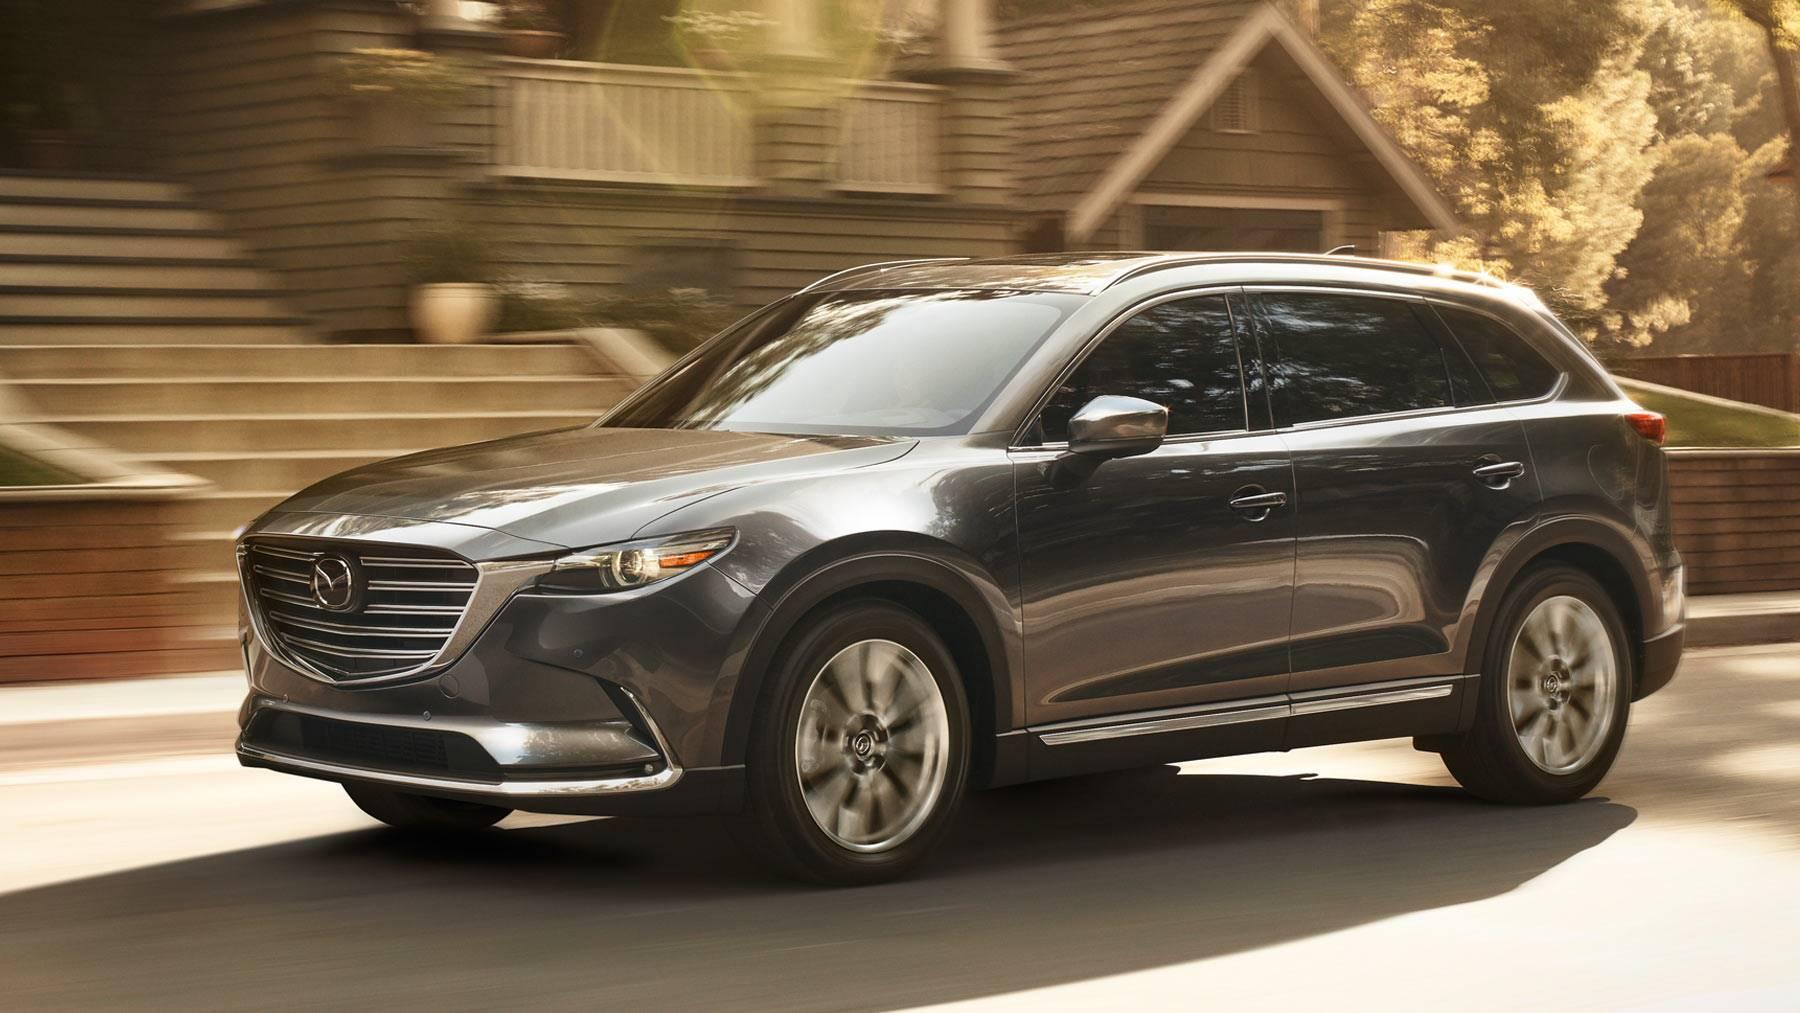 2018 Mazda CX-9 for Sale in Monroe, LA